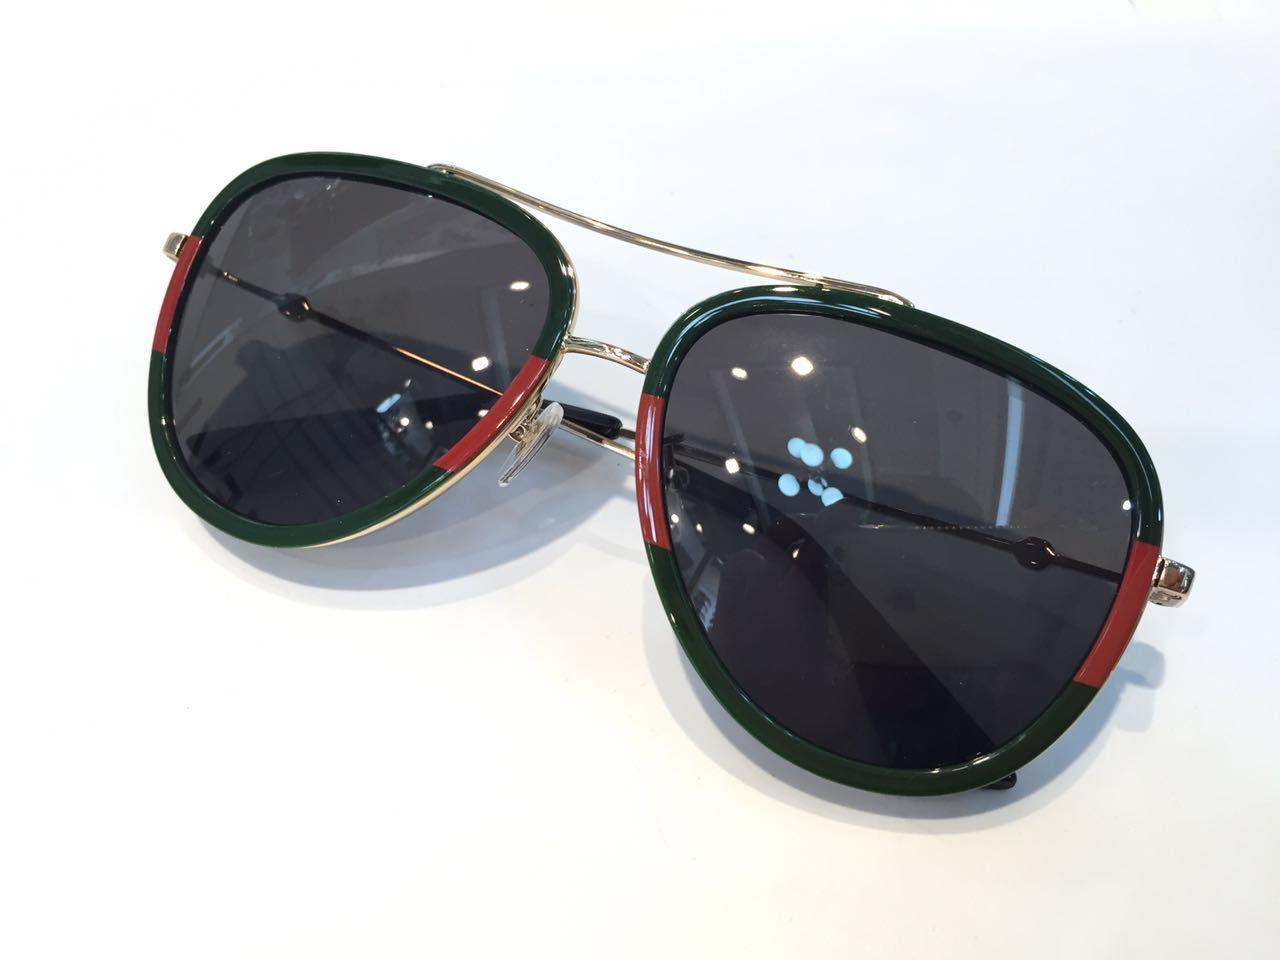 Compre 0062 Óculos De Sol Das Mulheres De Luxo Designer De Marca 006s Moda  Oval Estilo Verão Cor Misturada Quadro De Alta Qualidade Lente De Proteção  Uv Vem ... 83bc36c5c9